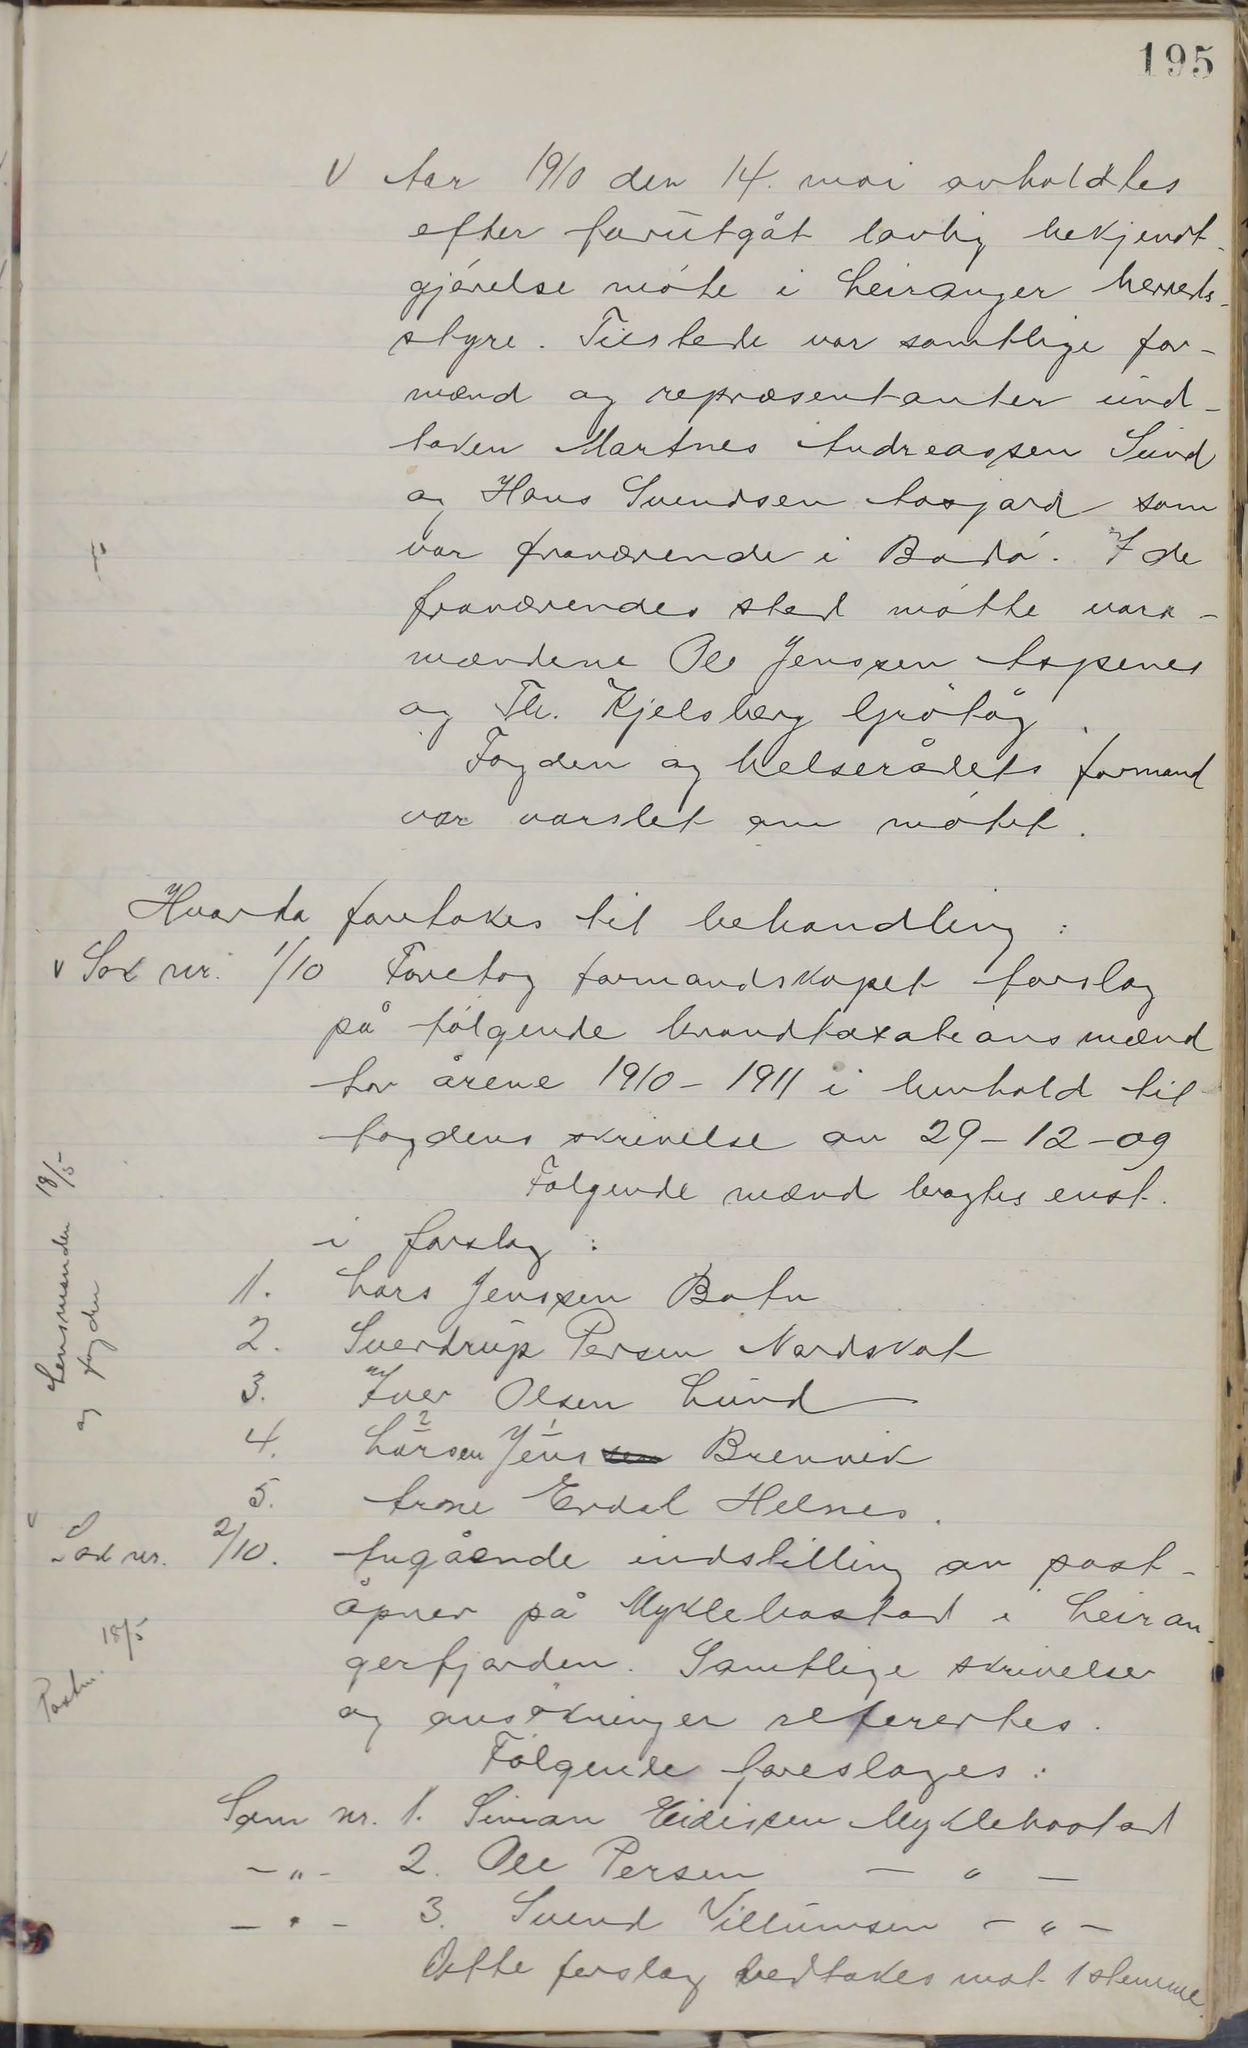 AIN, Leiranger kommune. Formannskapet, 100/L0001: Møtebok, 1900-1913, s. 195